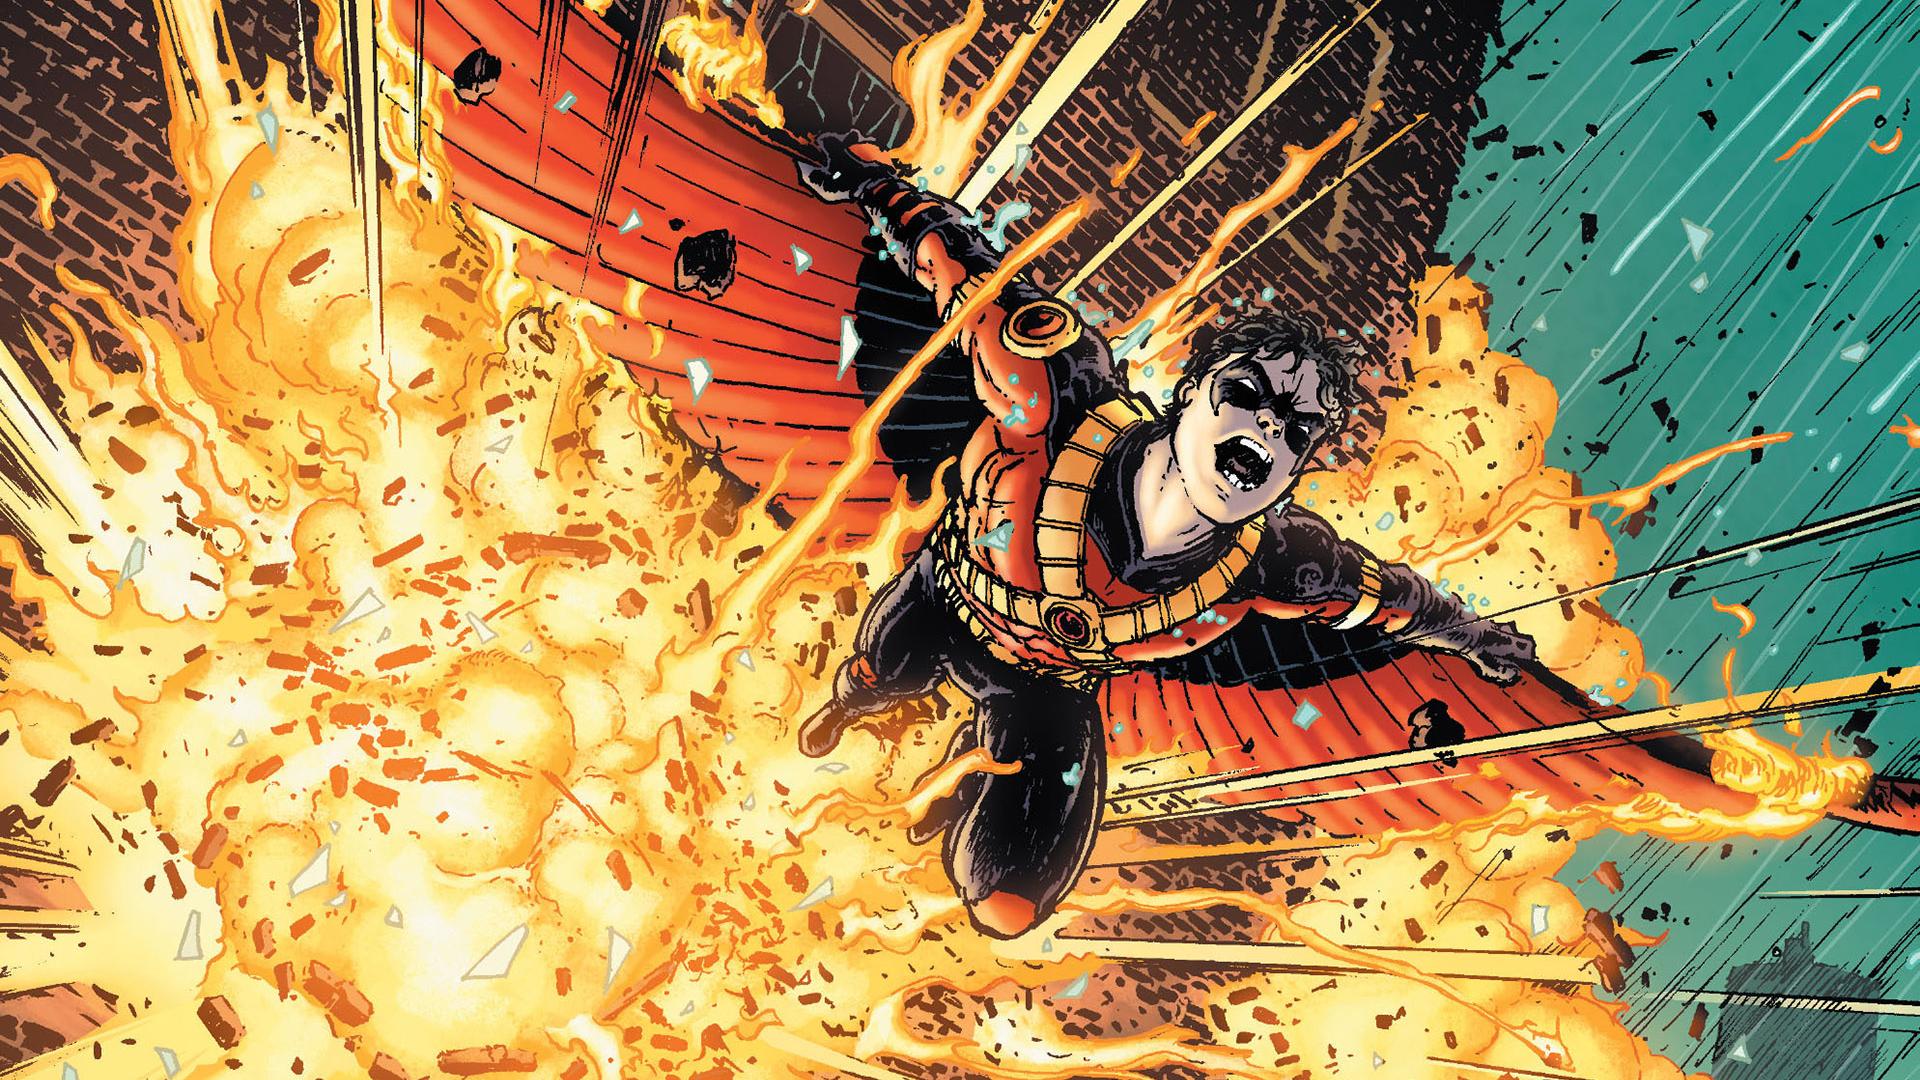 Batman Explosion DC-comics Blast wallpaper | 1920x1080 ...